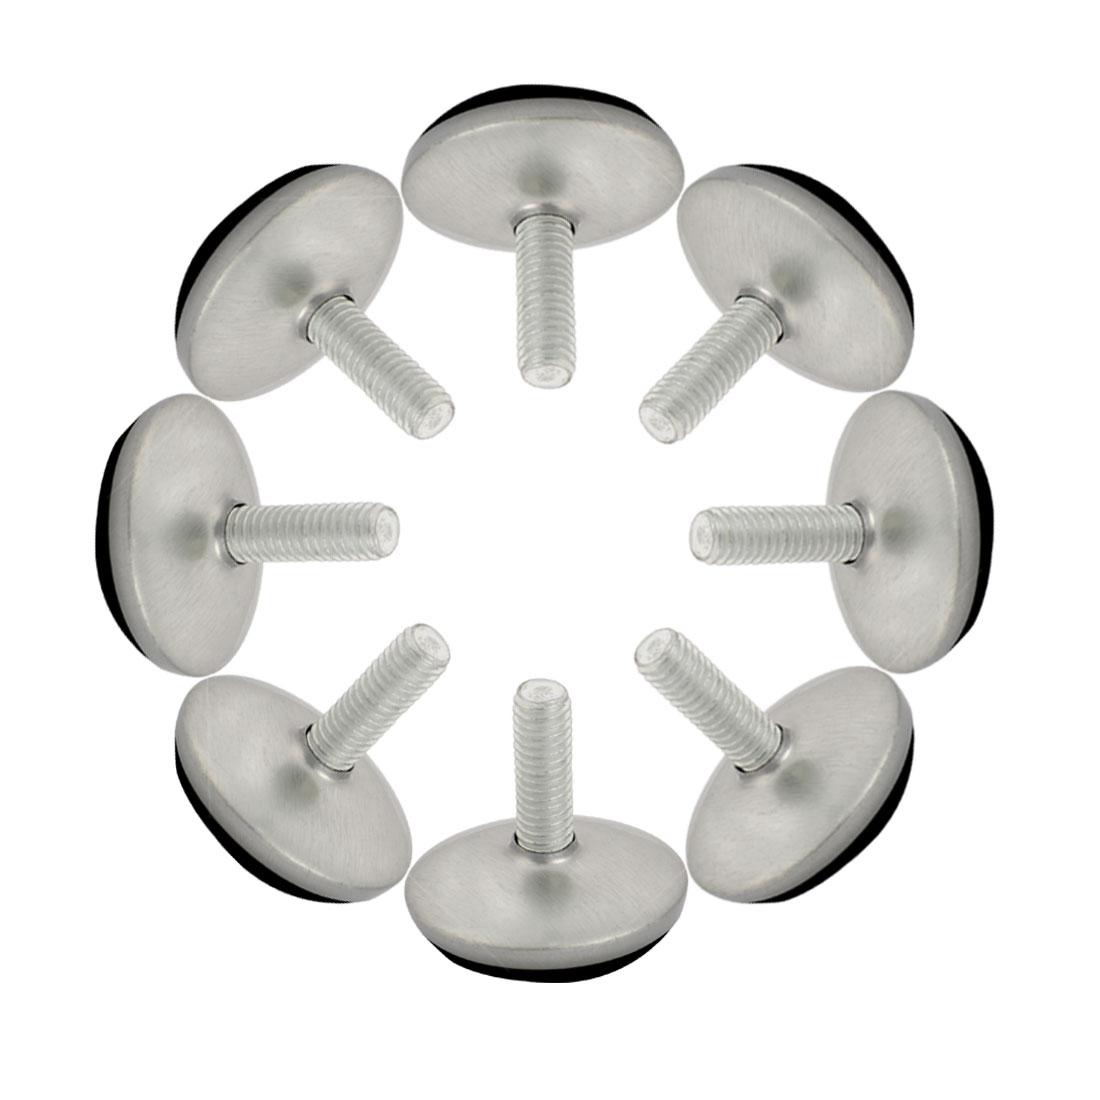 Home Metal Adjustable Furniture Table Desk Glide Leveling Foot Adjuster Pad Tool 28mm Base Dia 8pcs